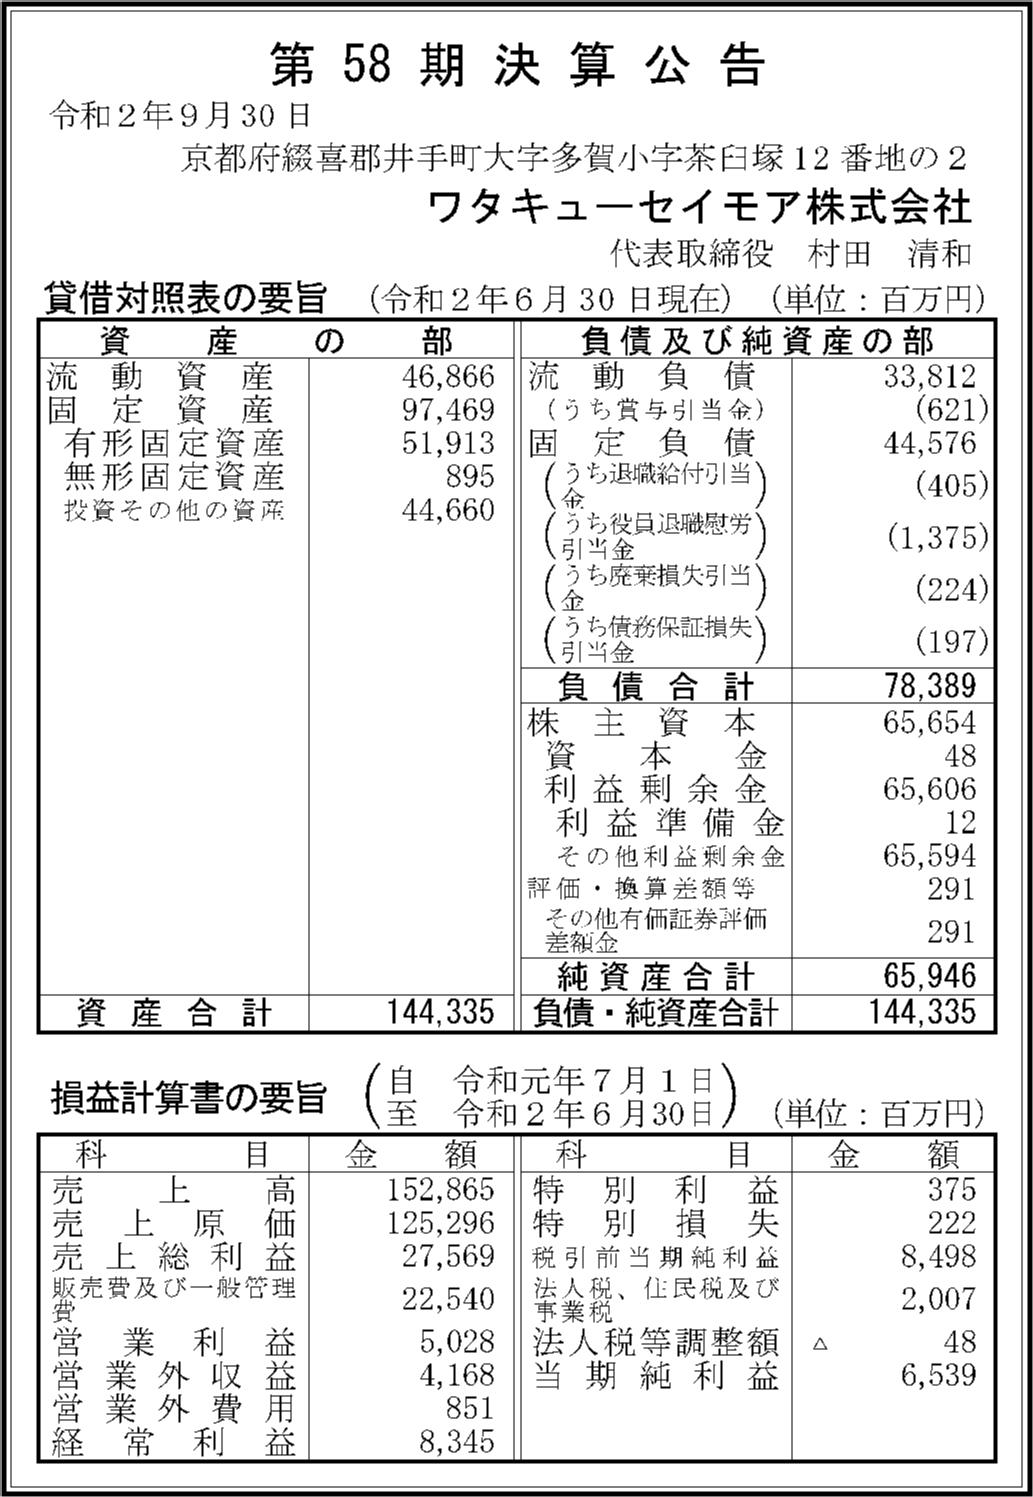 セイモア 会社 ワタキュー 株式